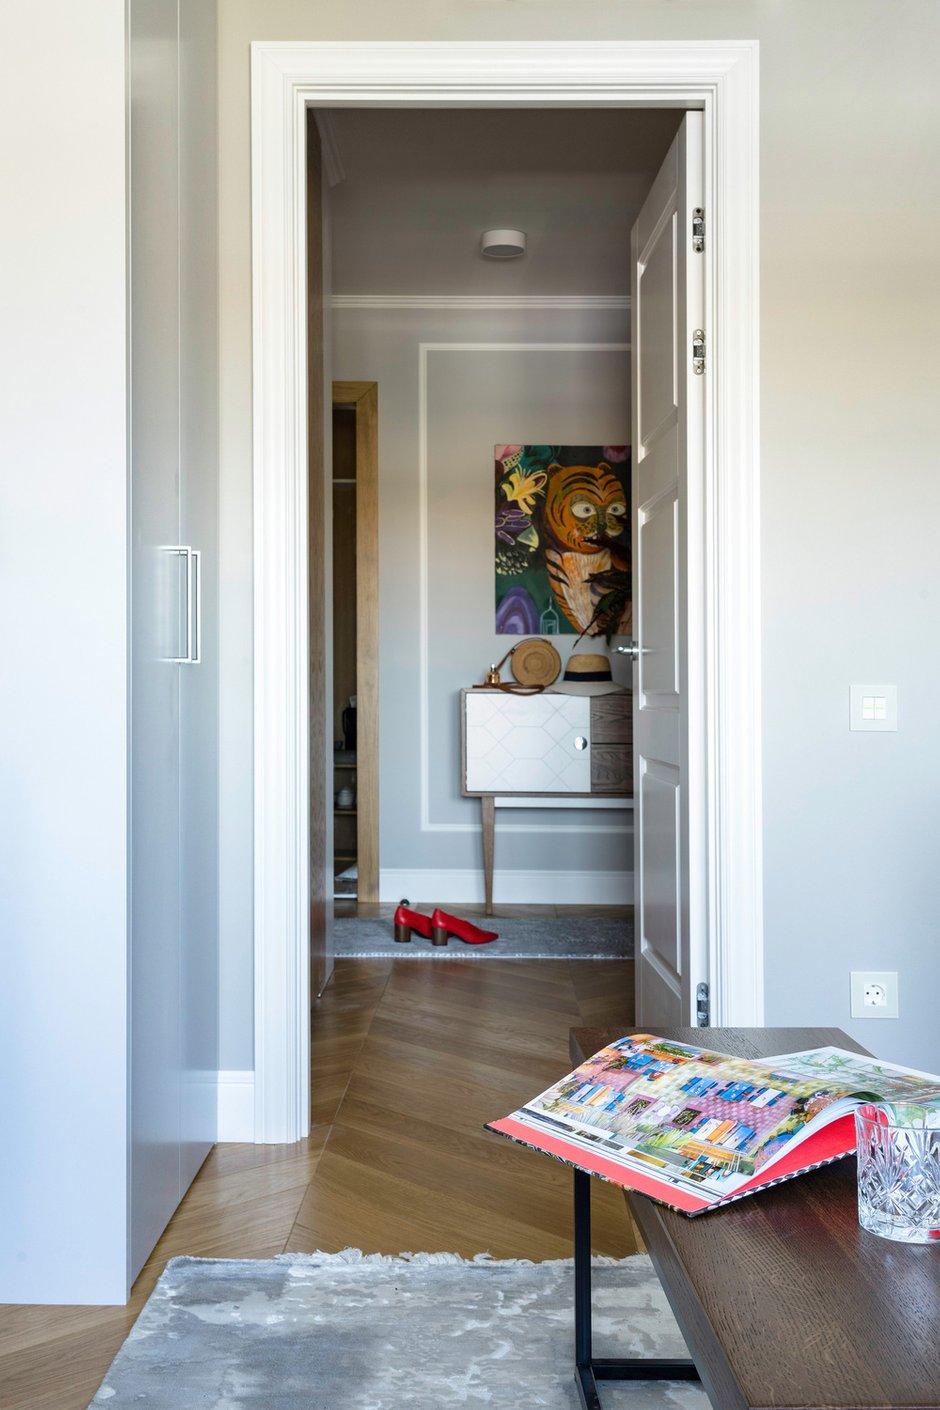 Фотография: Прихожая в стиле Современный, Эклектика, Квартира, Проект недели, Москва, Светлана Гаврилова, Монолитный дом, 3 комнаты, 60-90 метров – фото на INMYROOM